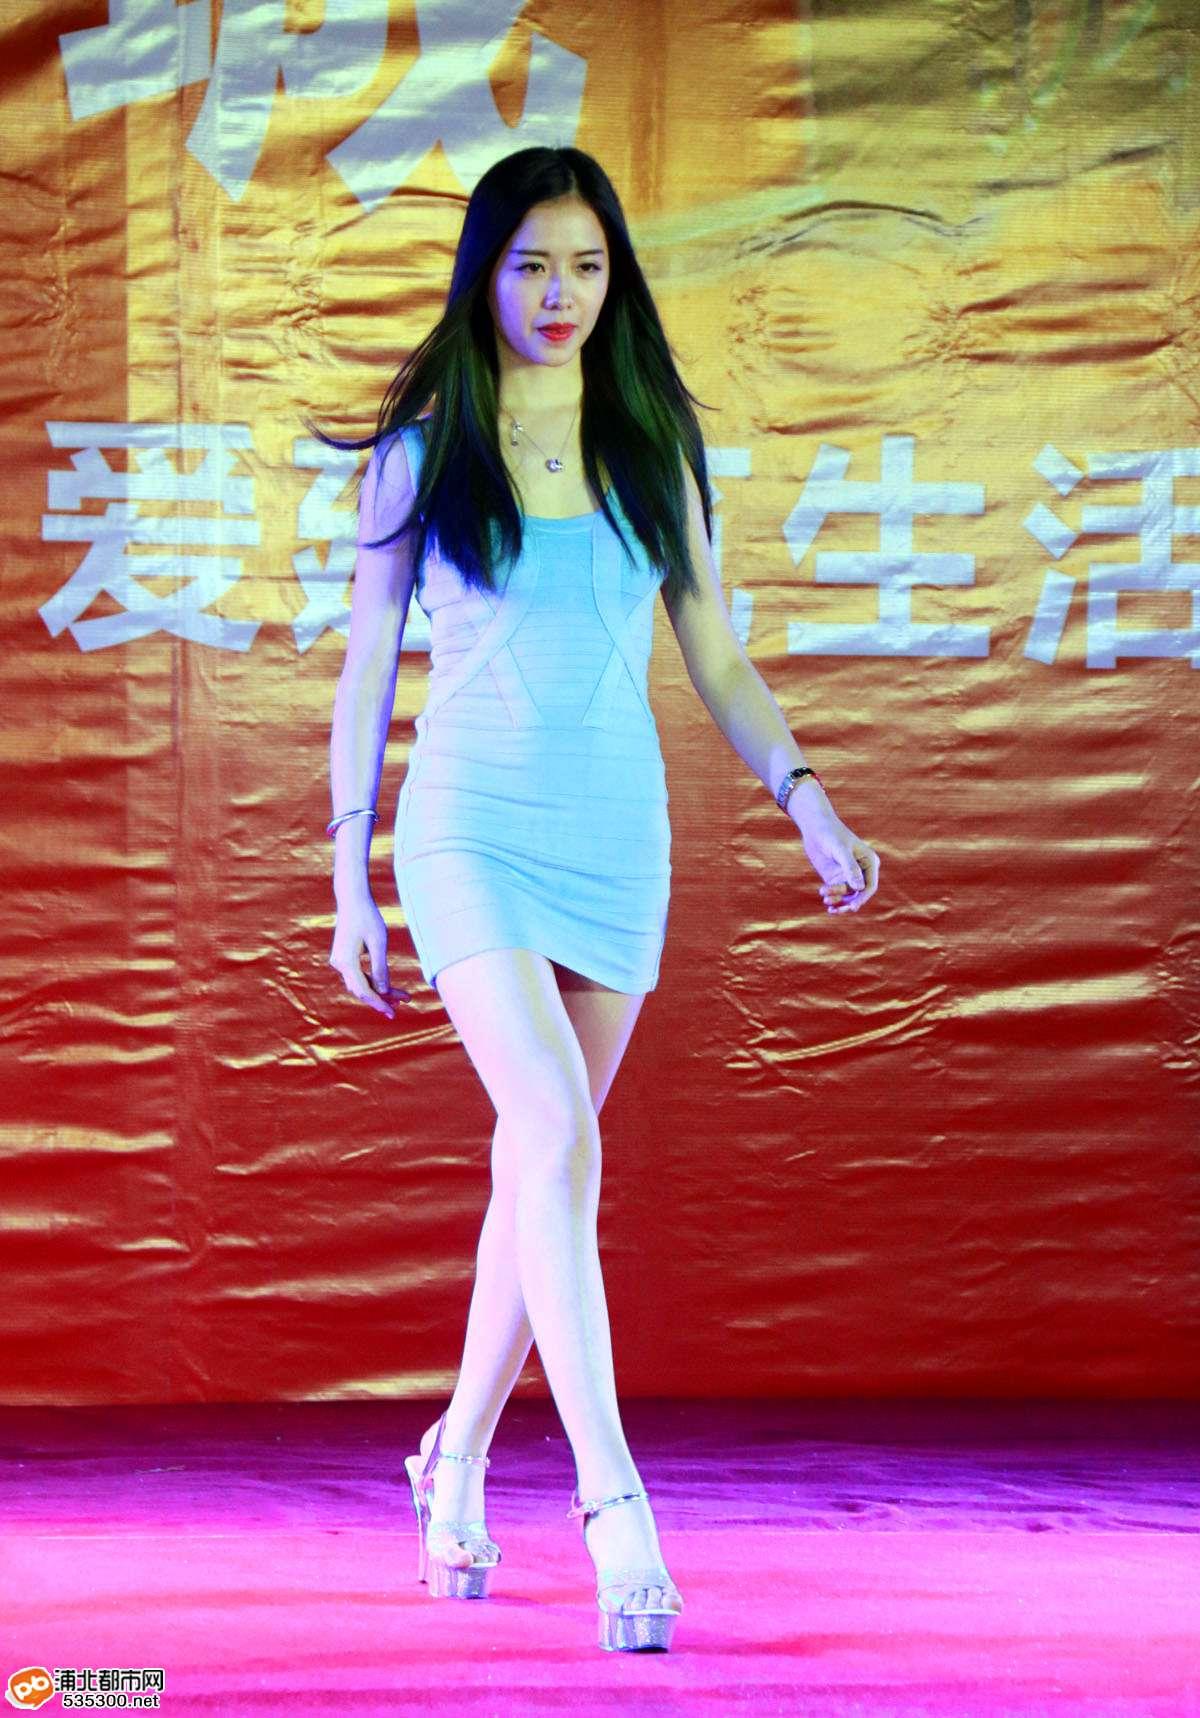 浦北越州尚城昨晚盛大开盘,一大波模特佳丽魅力走秀